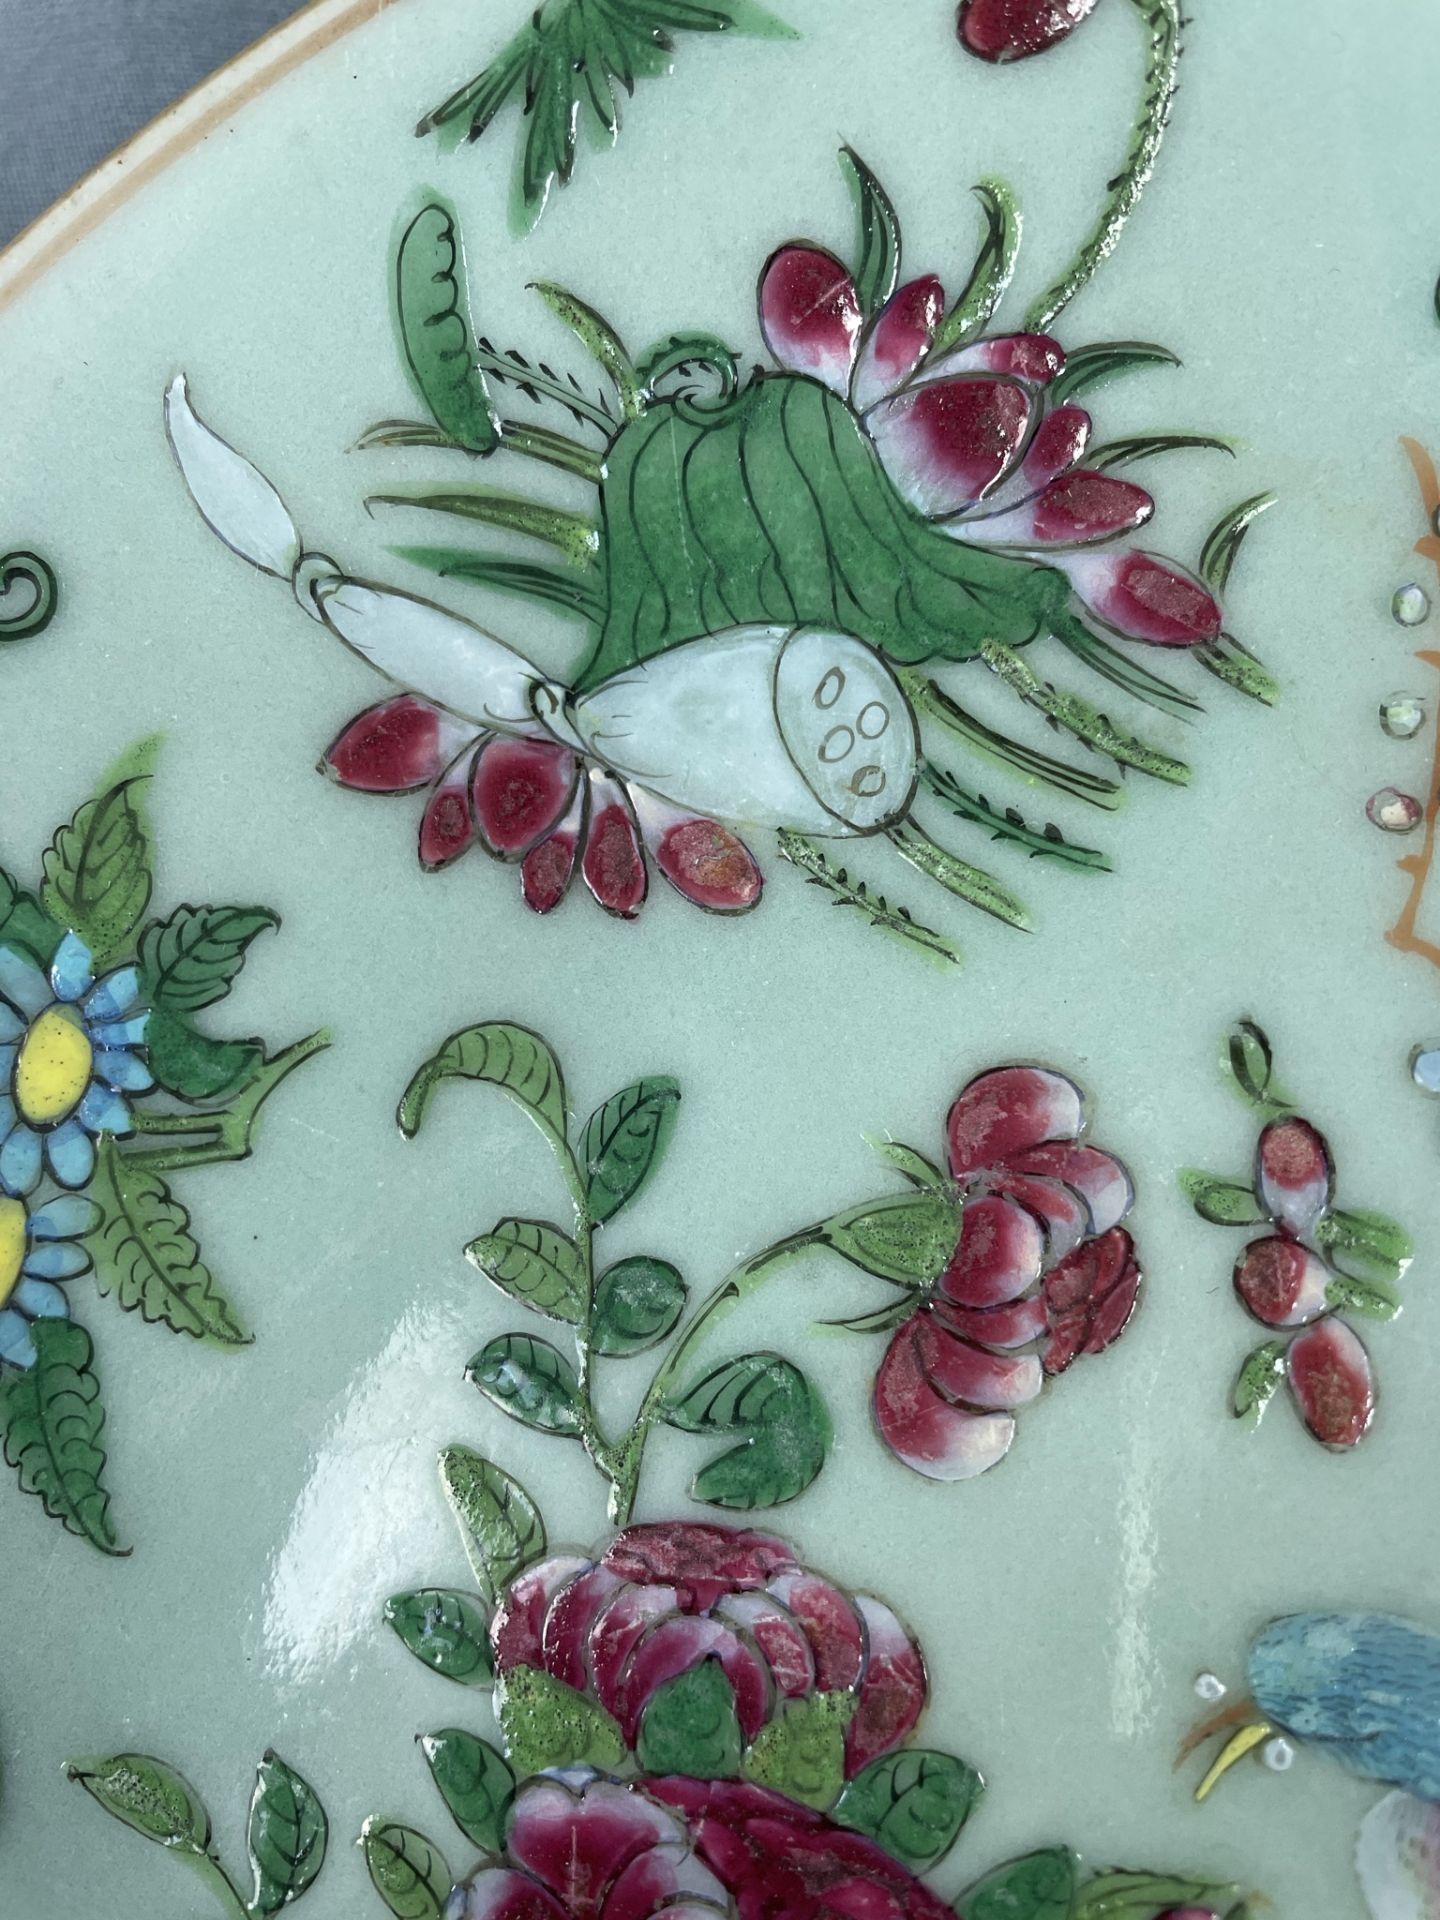 2 Platten. Porzellan. Wohl China antik. - Image 13 of 16